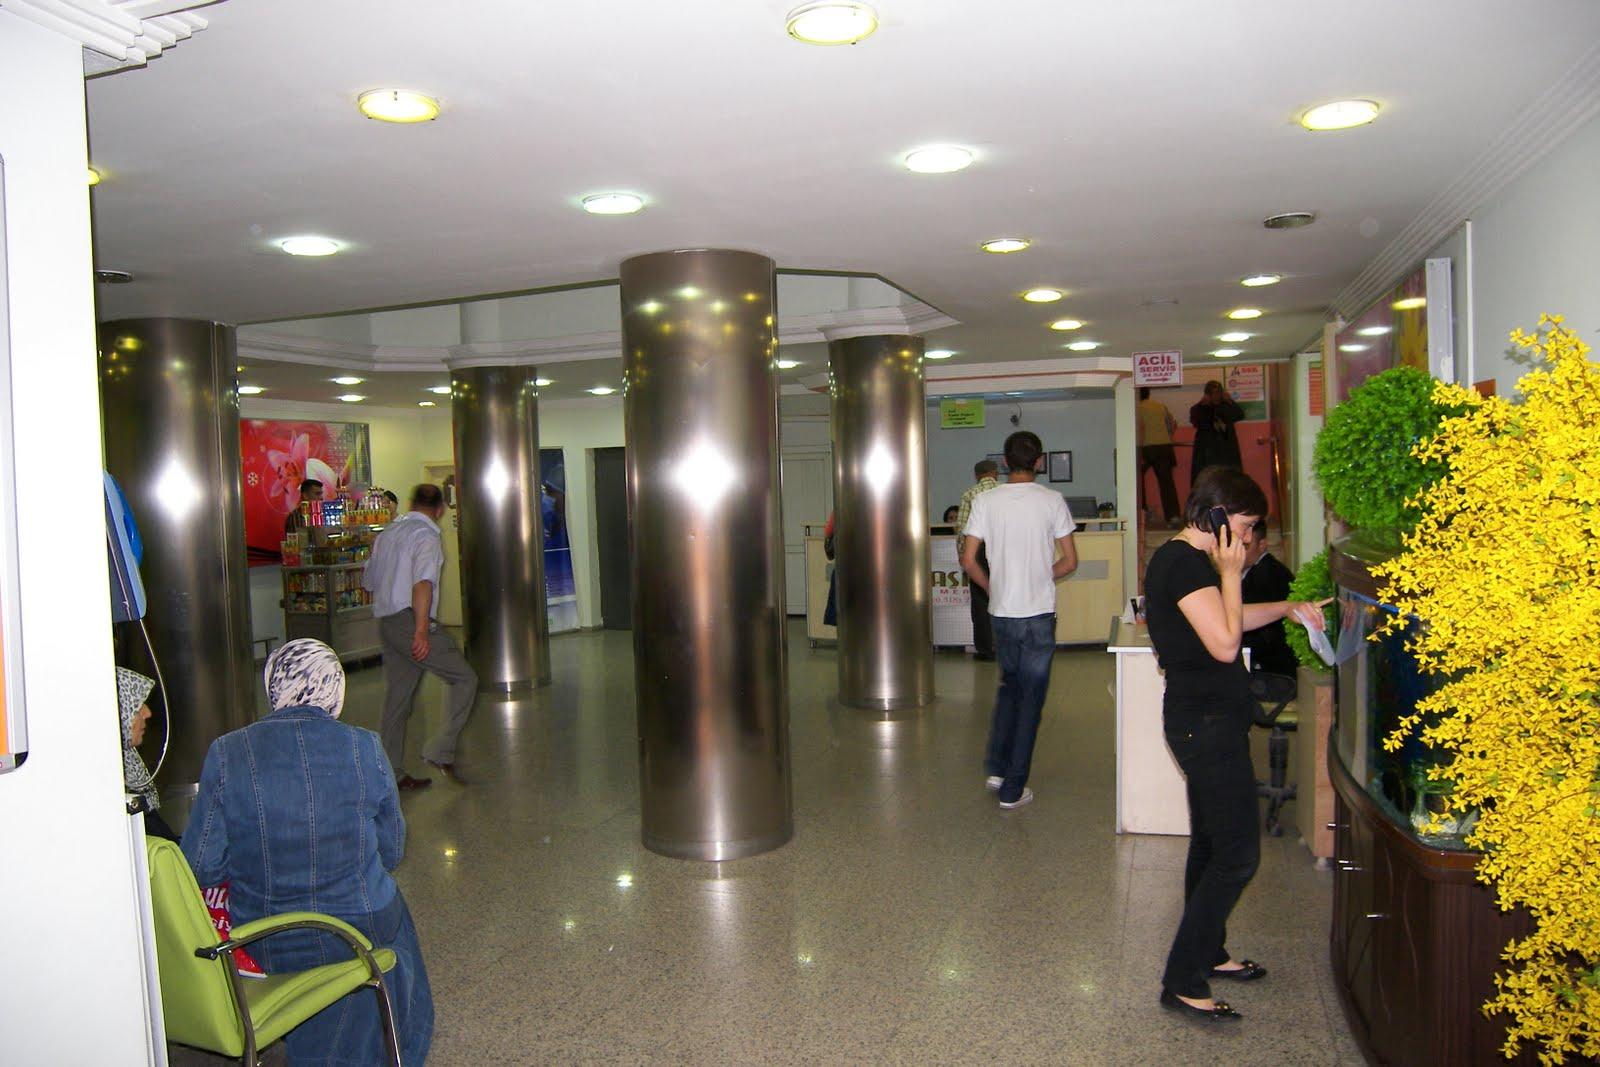 Özel yaşam tıp merkezi kırıkkale nin şehir merkezinde 5 katlı